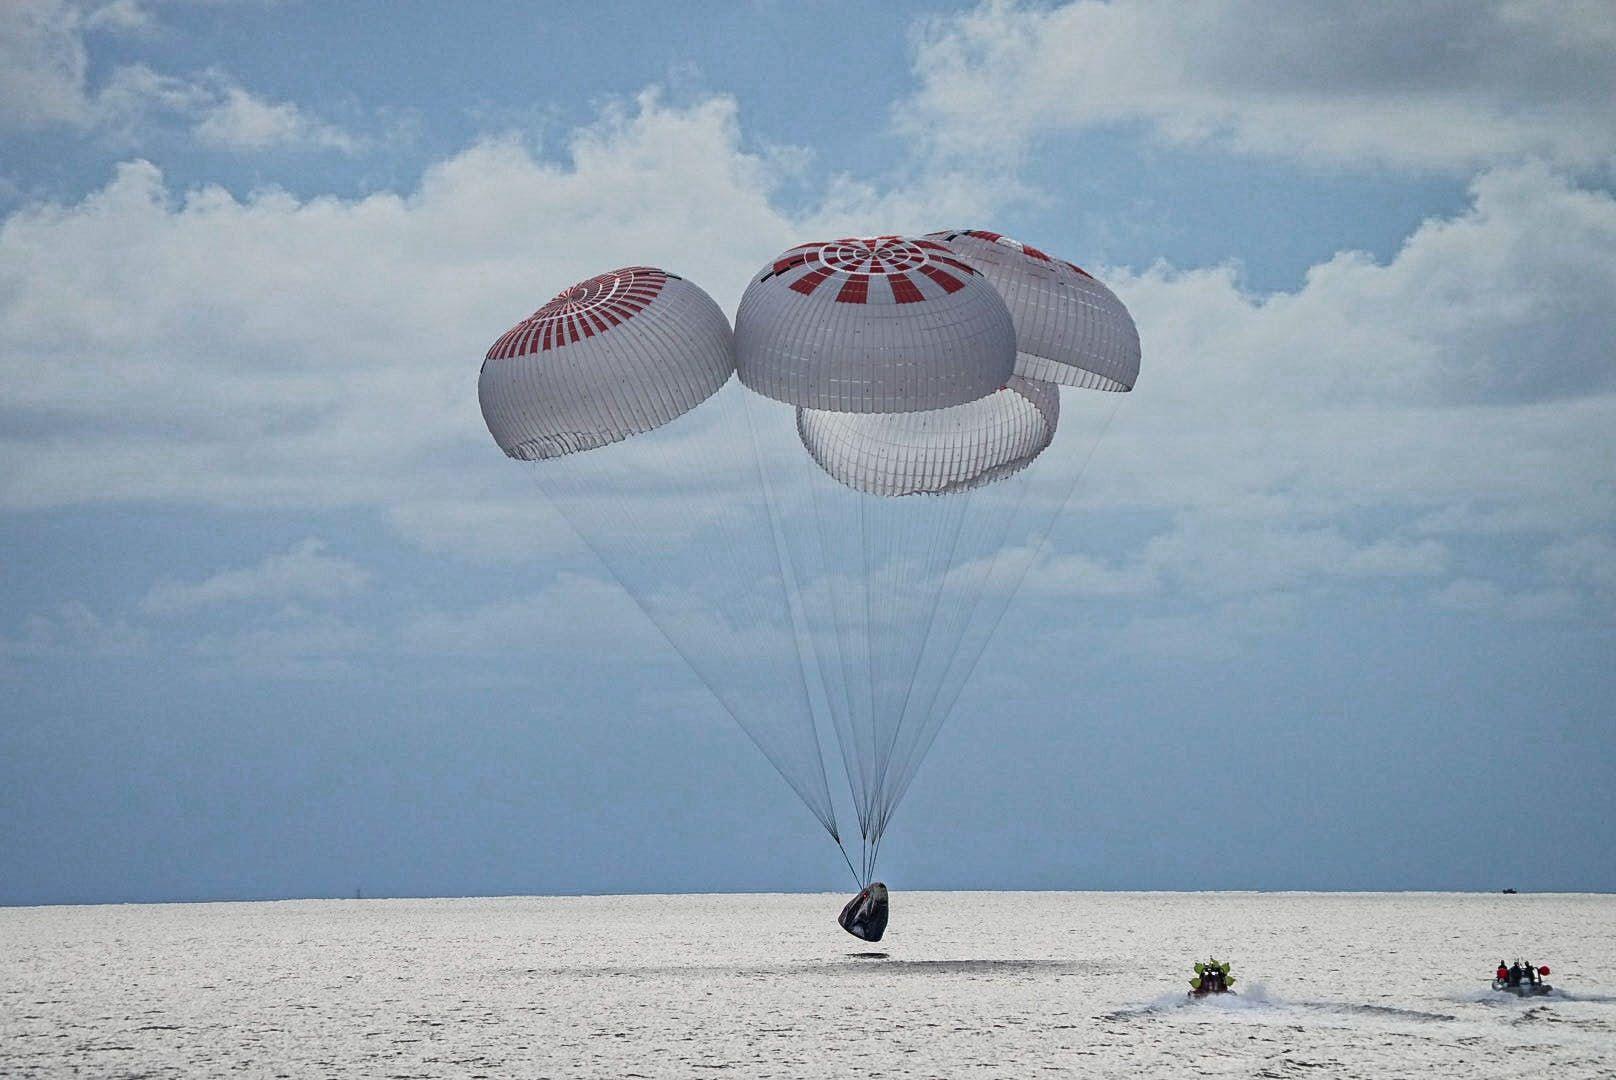 Вернулись: что мы знаем о первом в истории любительском экипаже SpaceX